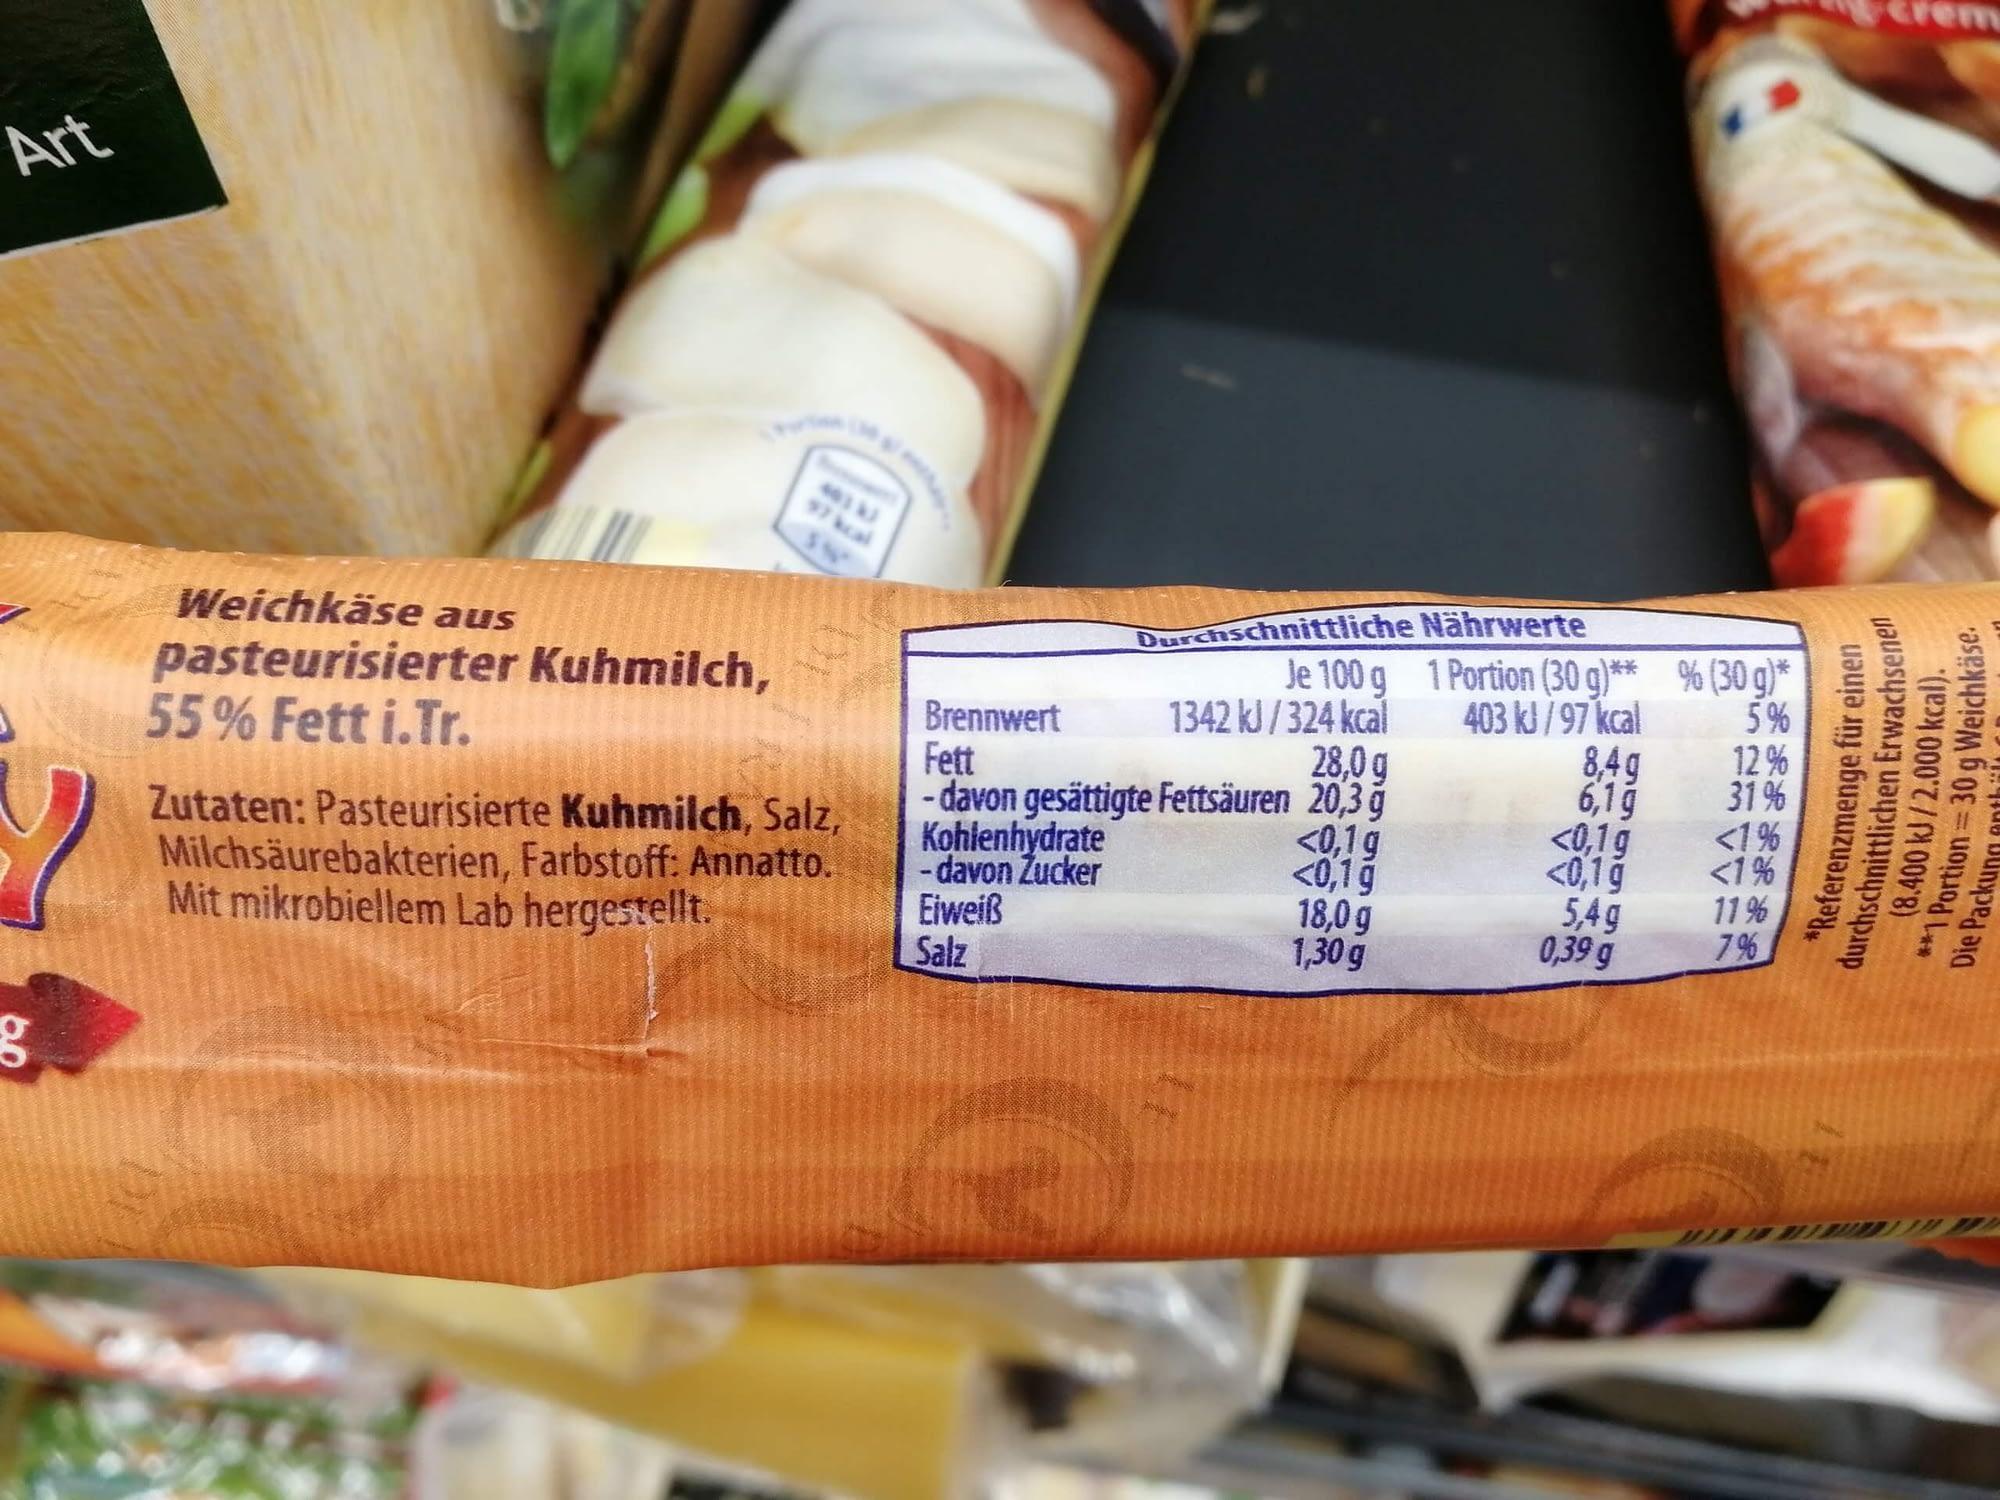 Keto-Snack-Aldi-Weichkäse-Nährwerte